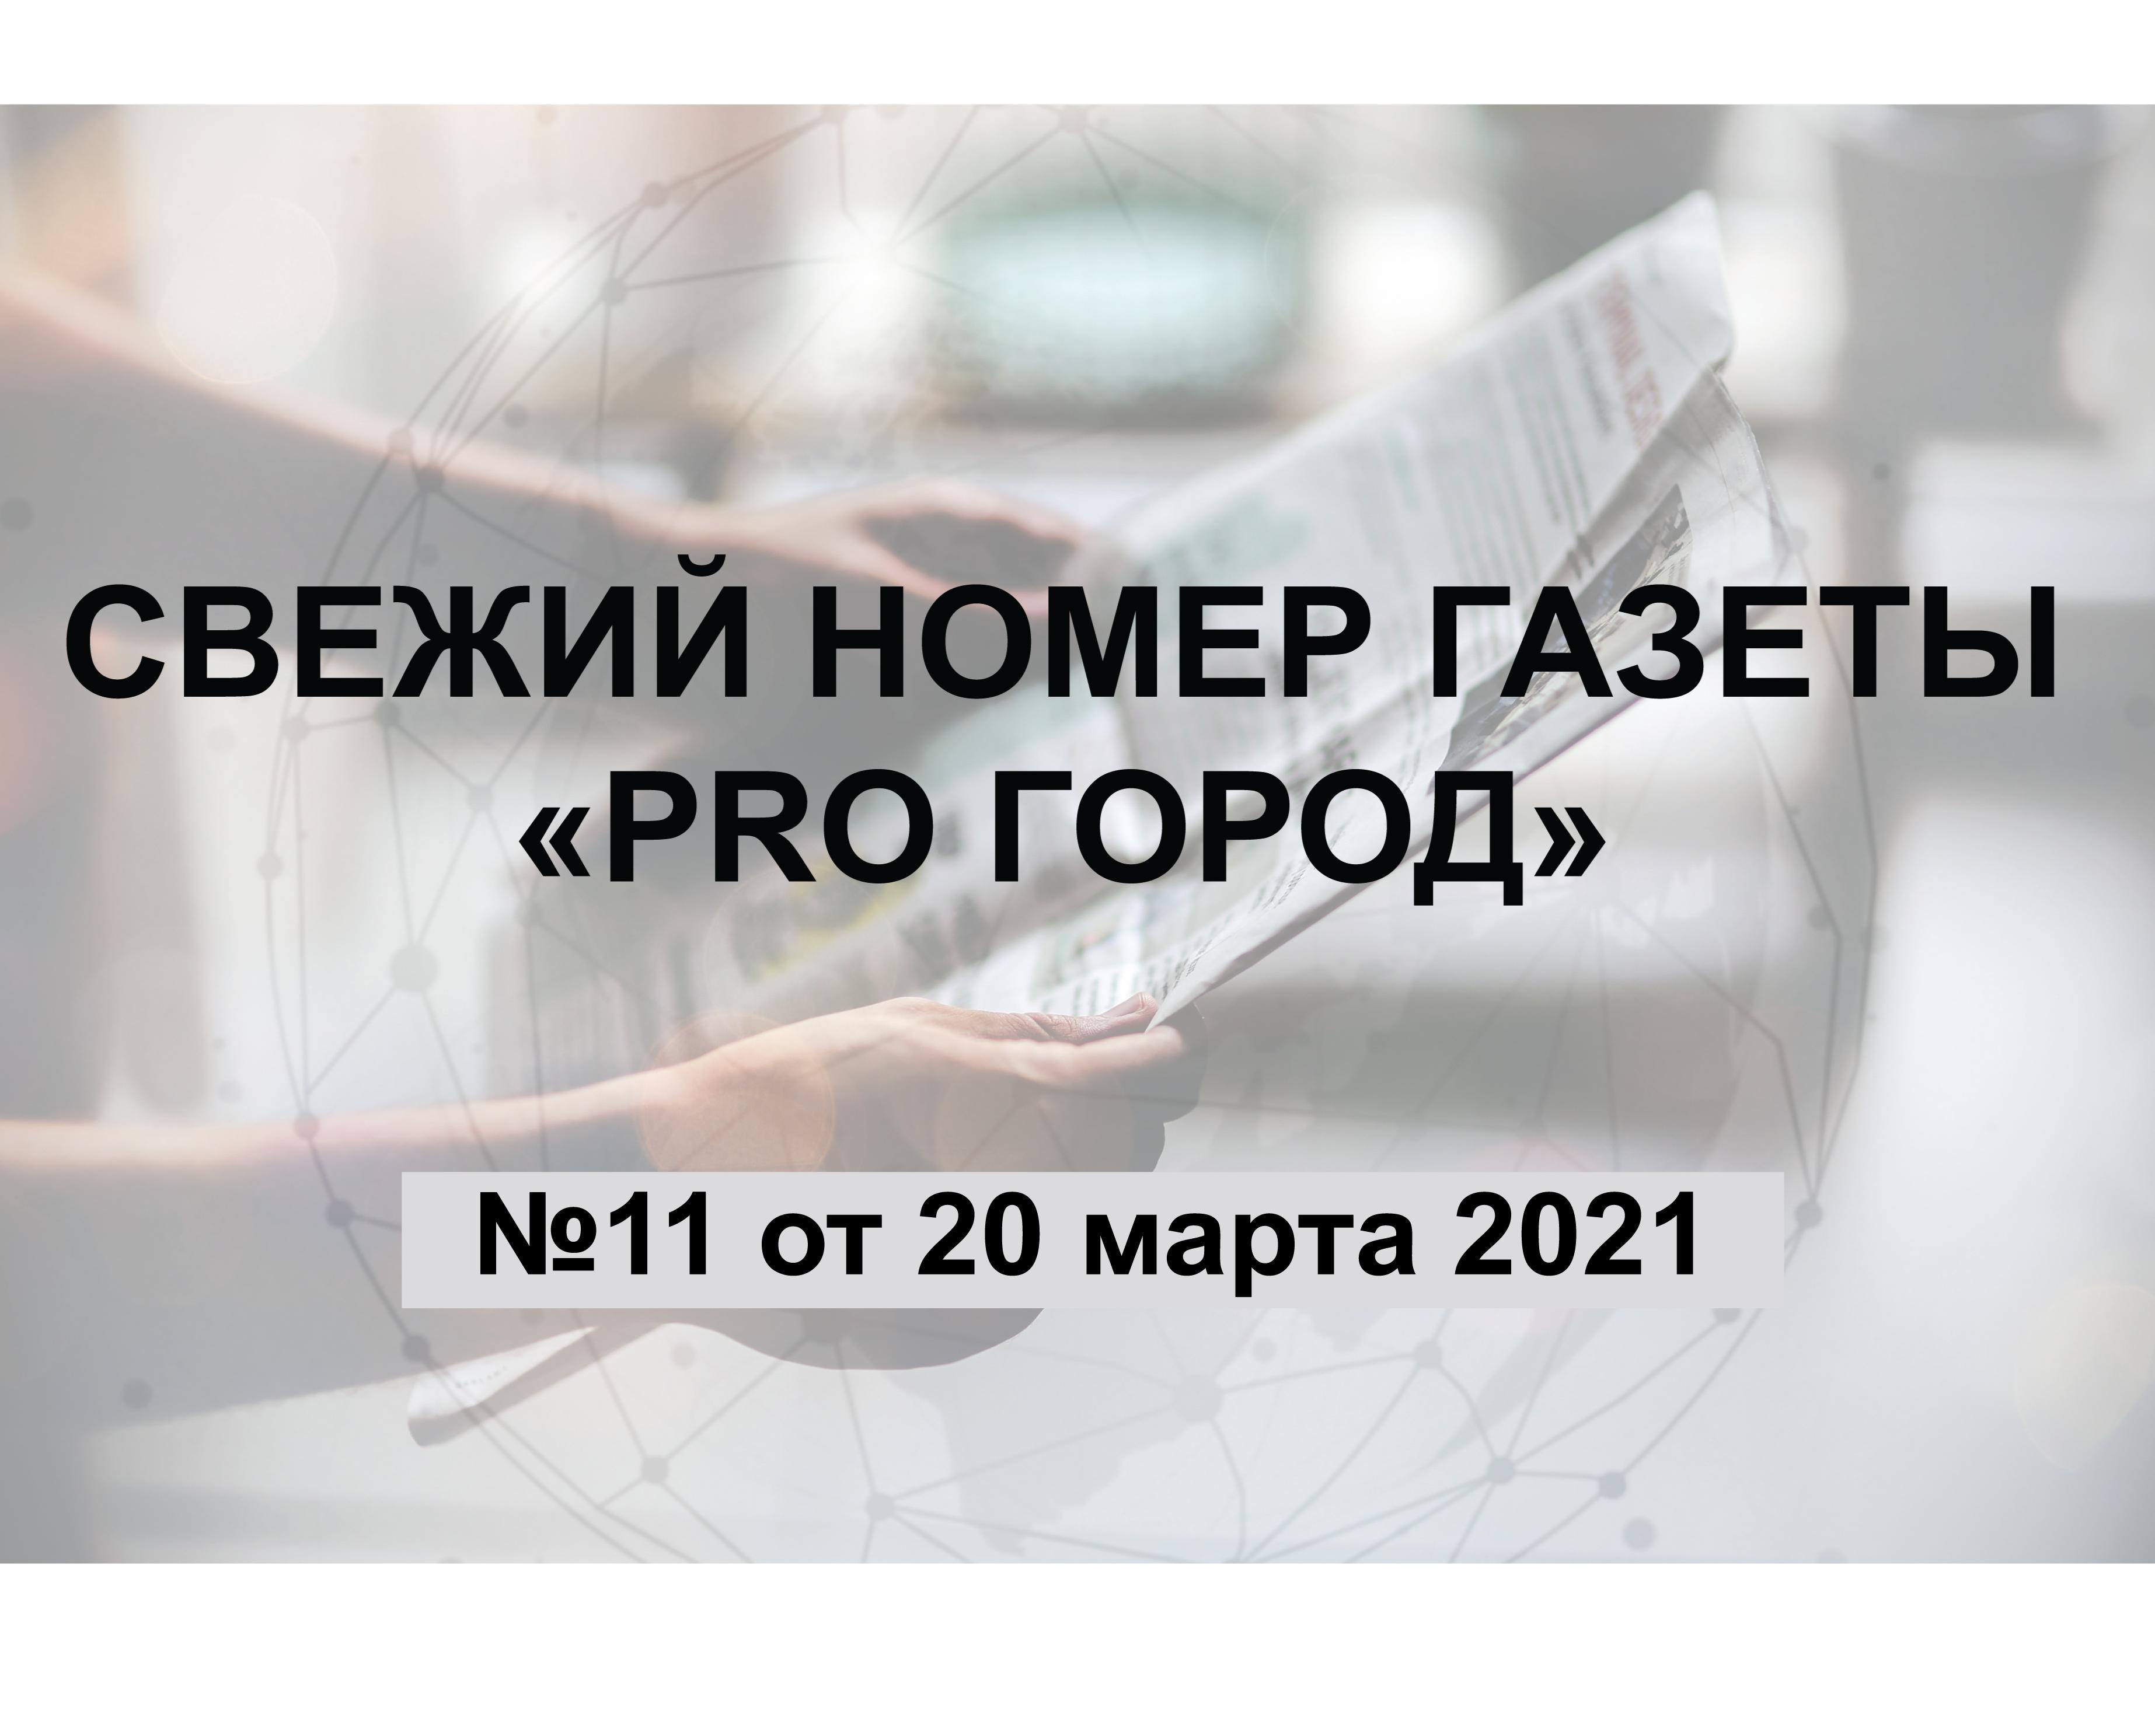 Газета «Pro Город Кирово-Чепецк» номер 11 от 20 марта 2021 года